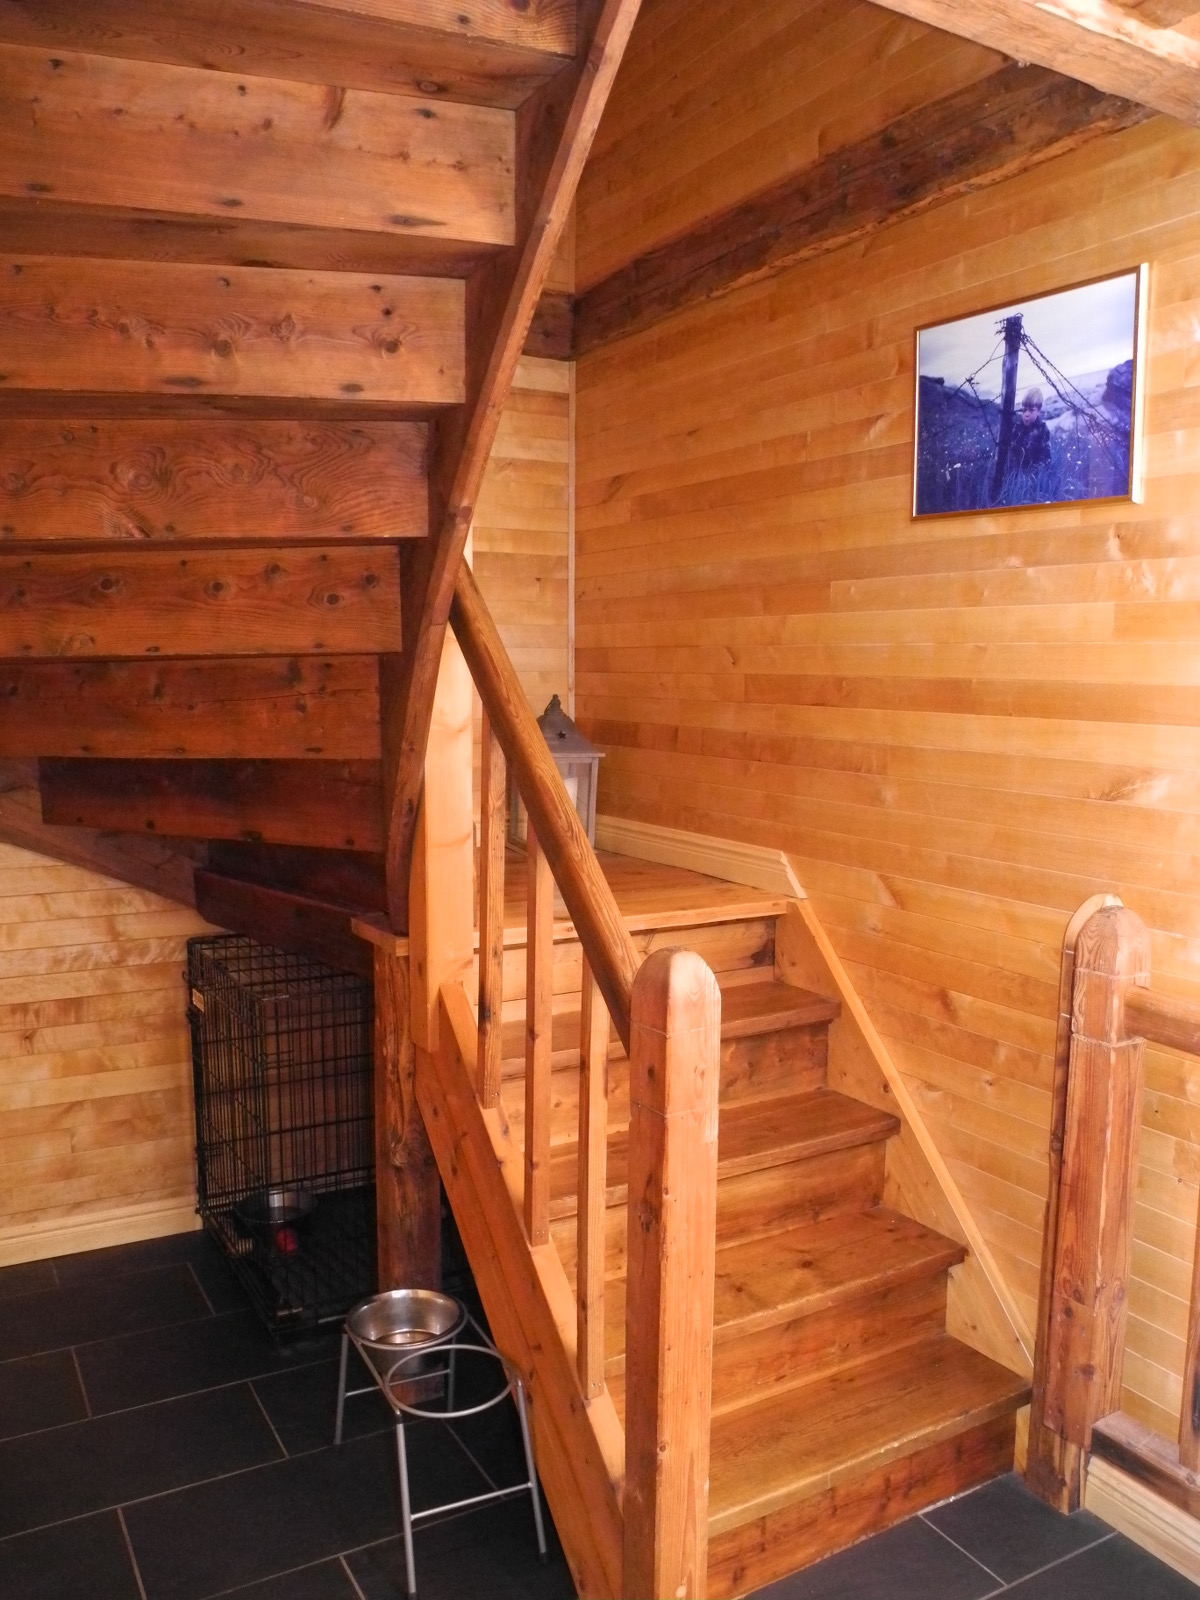 Trappeåpningen måtte tilpasses for å få på plass trappa fra Ludeboden. (Foto: Per Bjørn Lotherington)